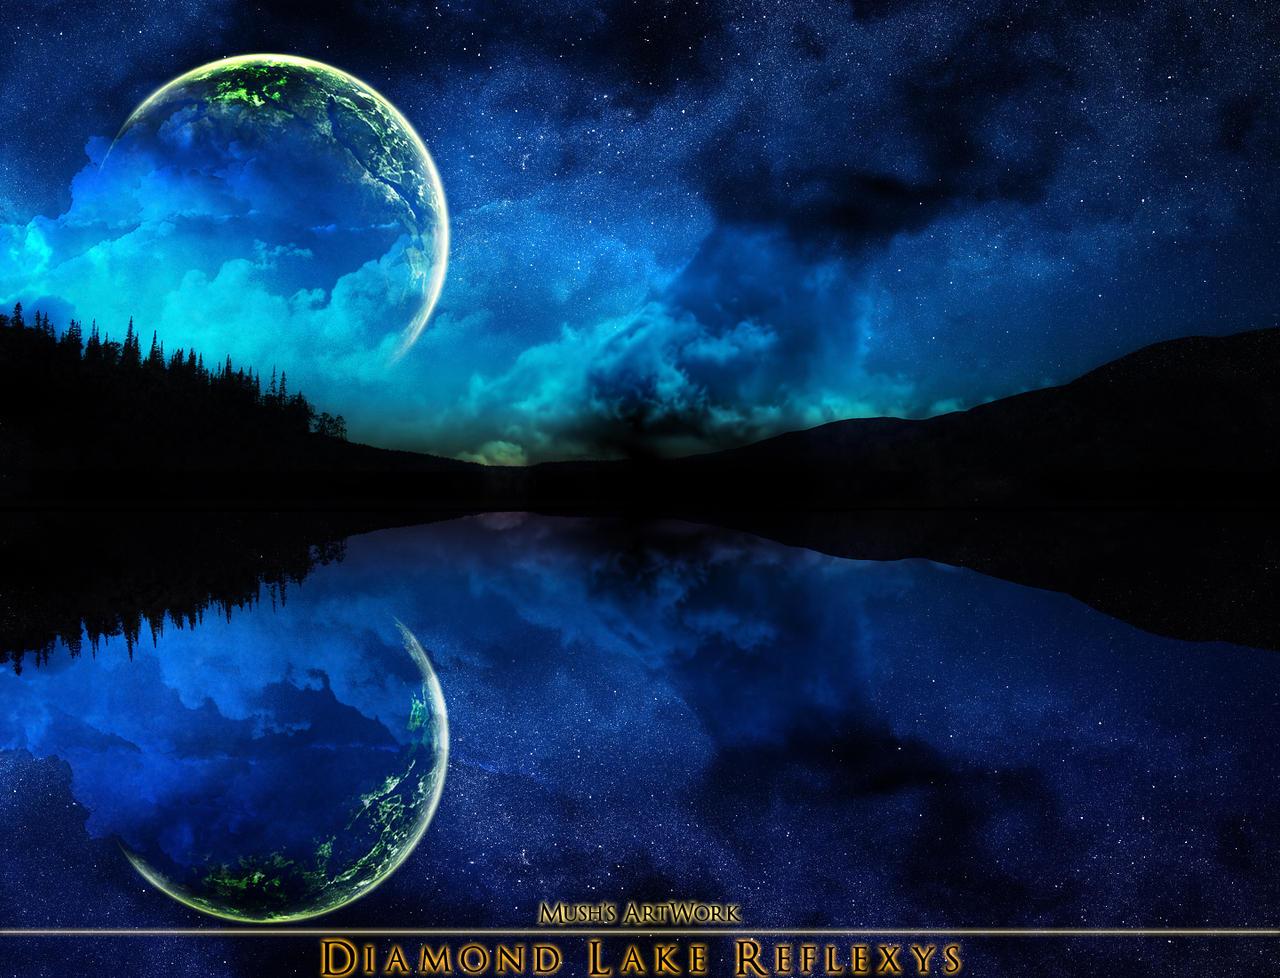 Diamond Lake Reflexys by MushFX